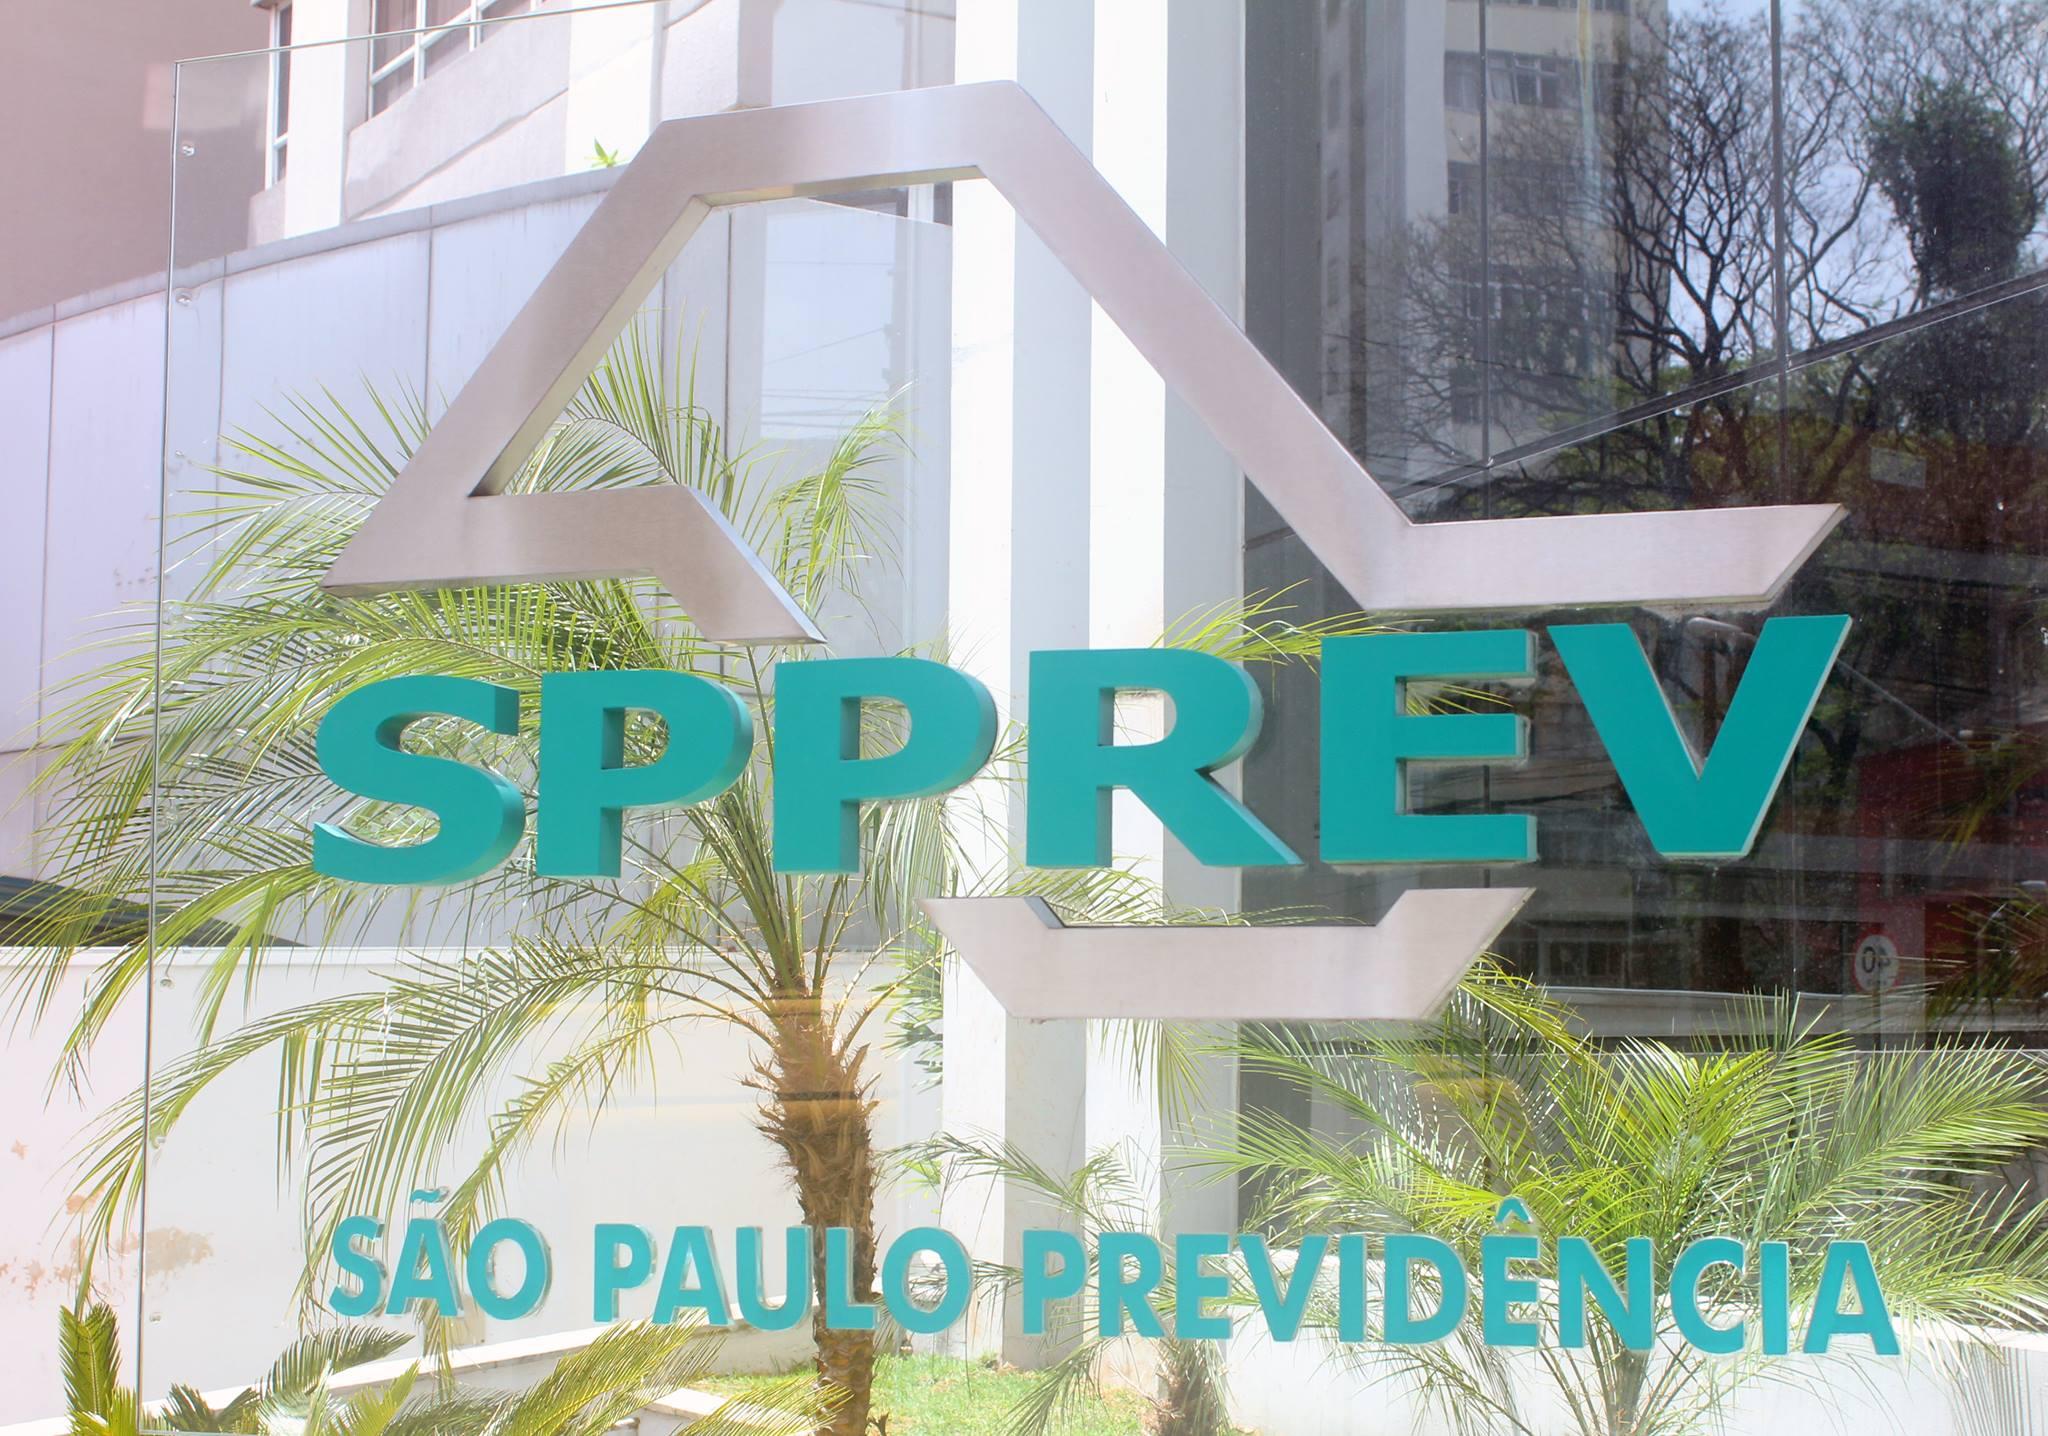 Facebook São Paulo Previdência/ Divulgação